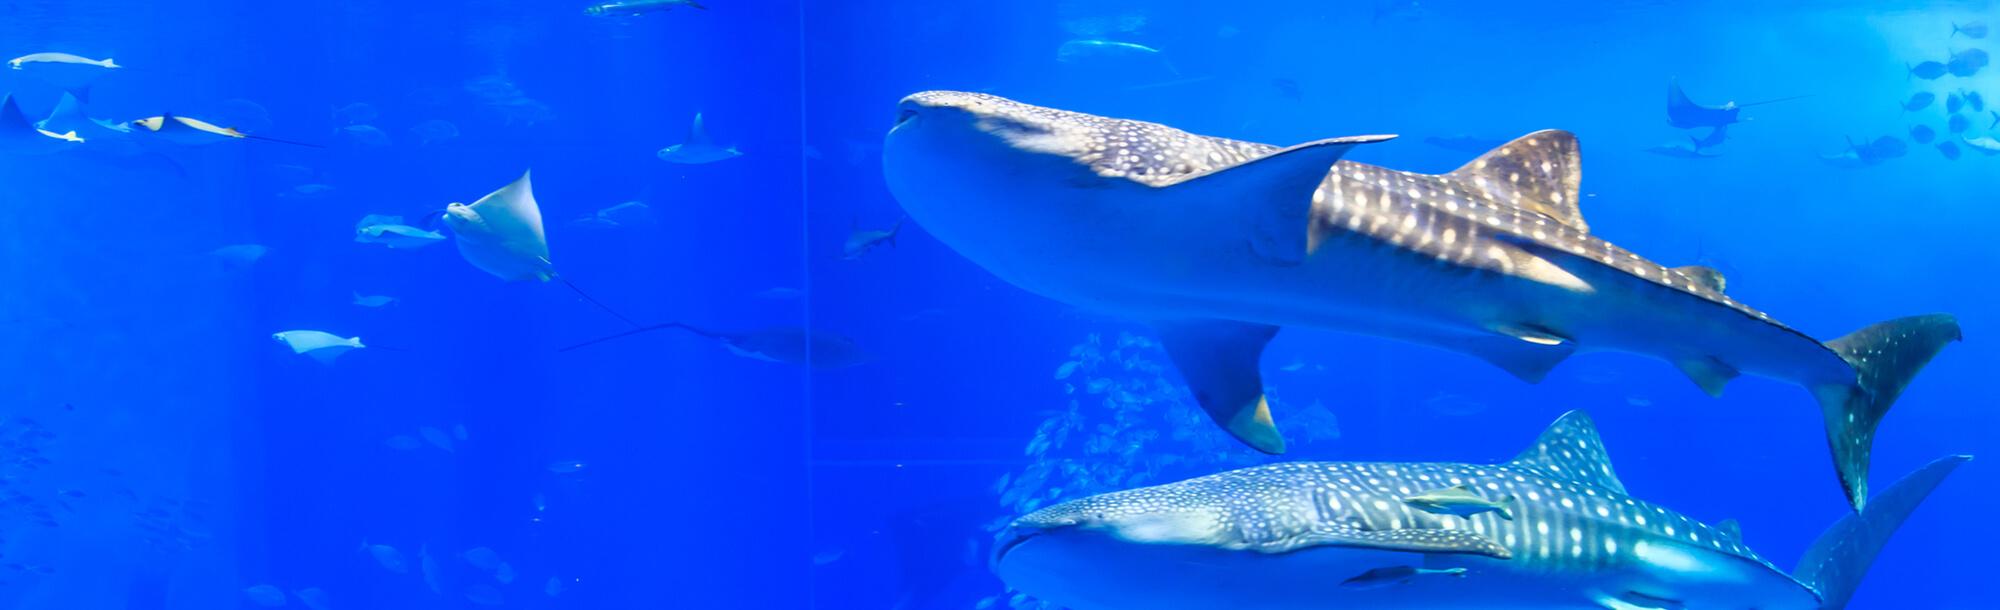 오키나와 관광